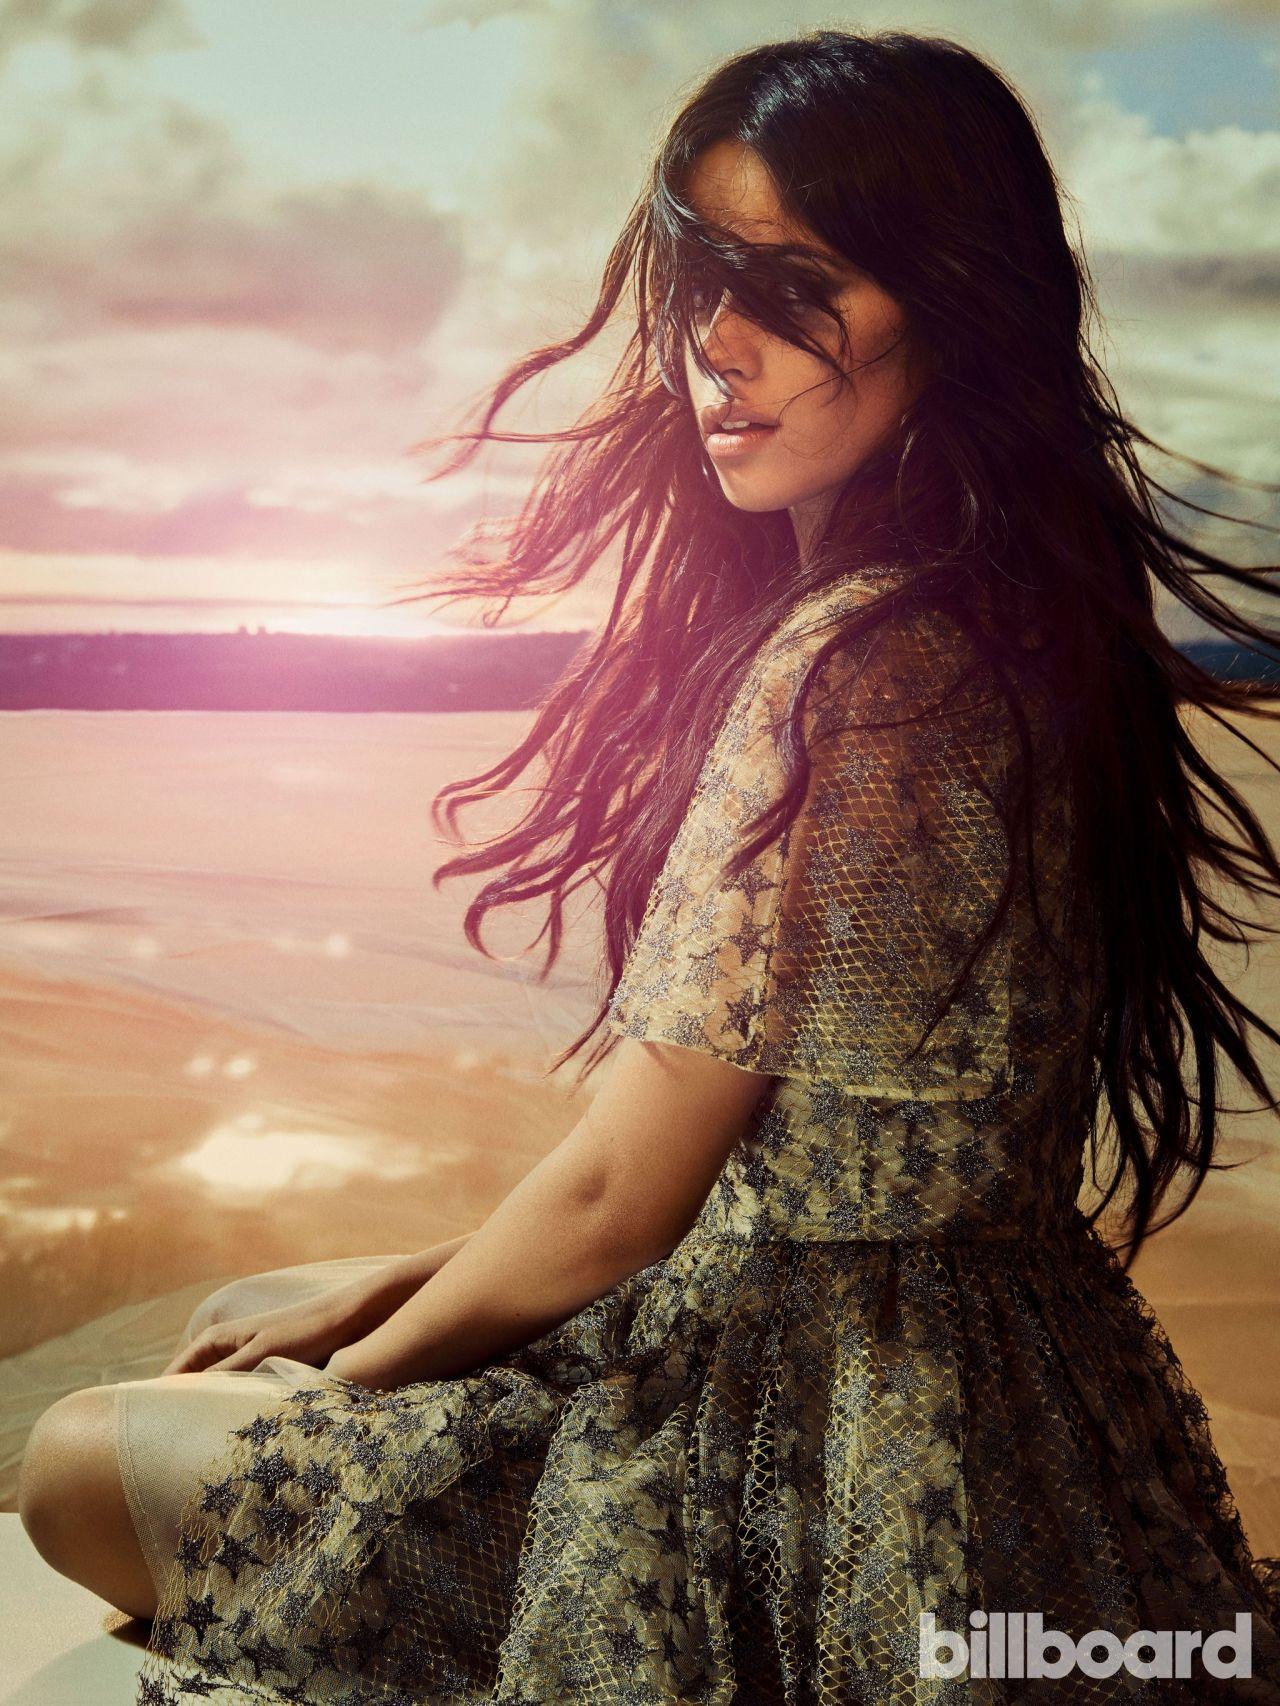 Guitar And Girl Wallpaper Camila Cabello Billboard Magazine February 2017